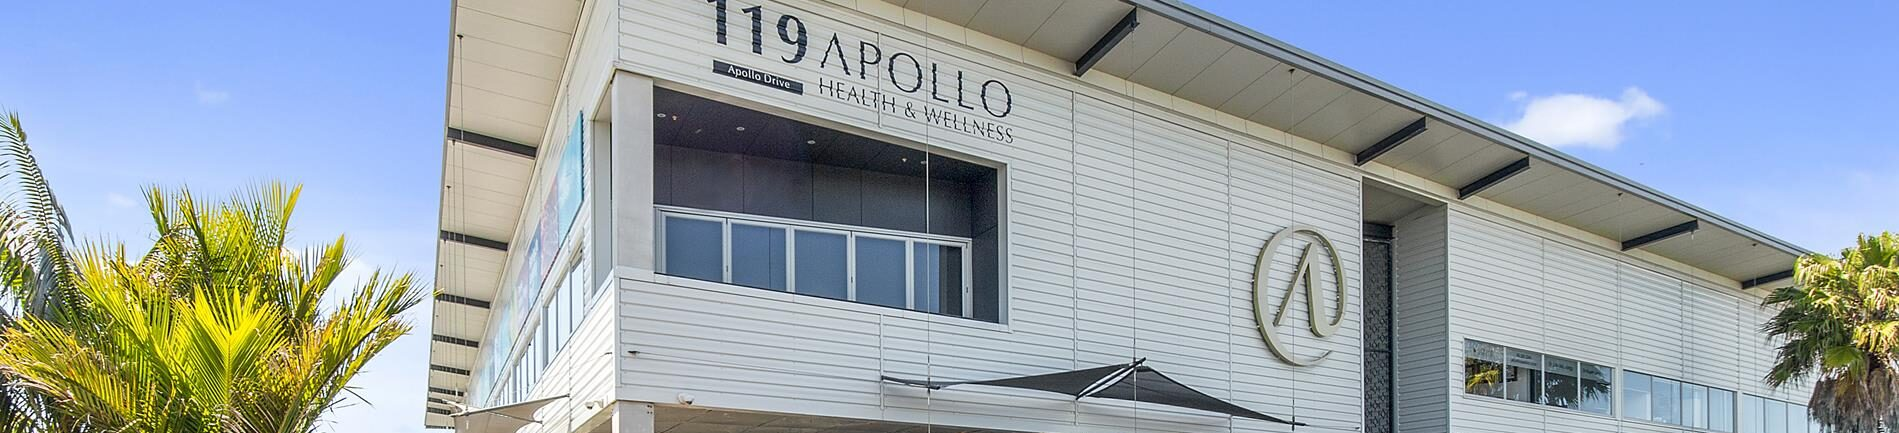 Apollo Health & Wellness Centre